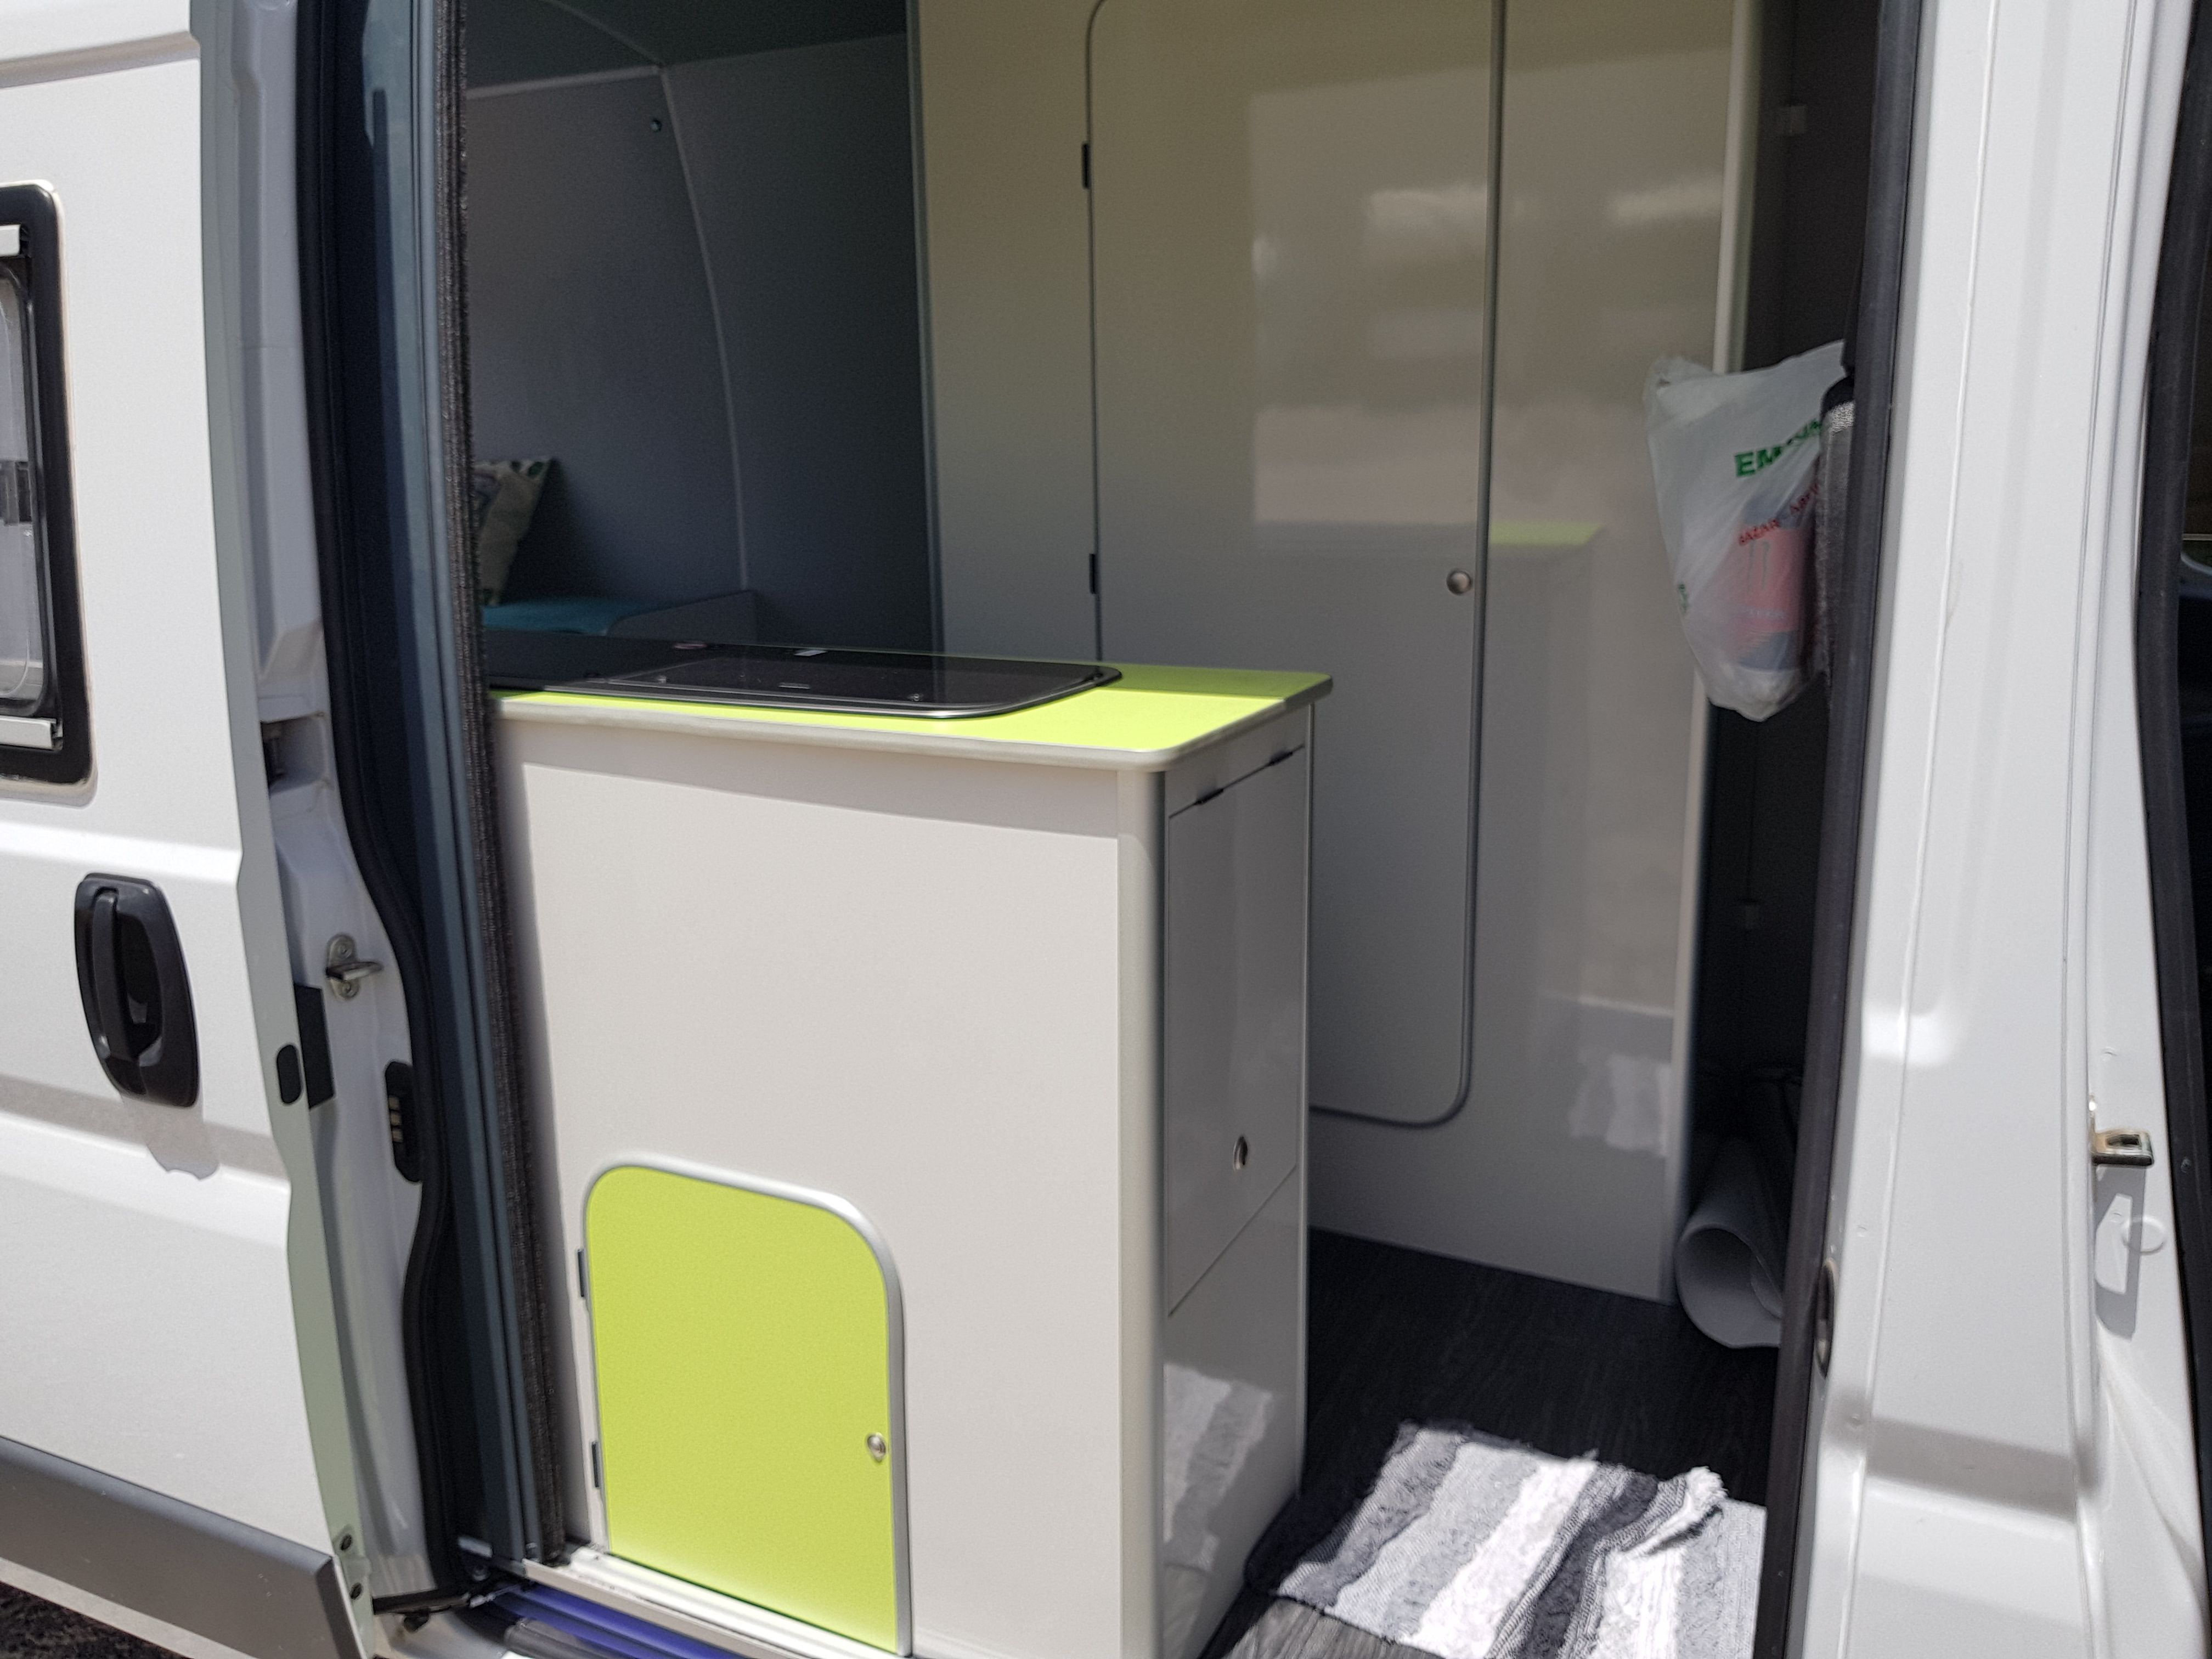 Foto 13 de Taller de furgonetas camperizadas y caravanas en Vecindario | SMV Camper